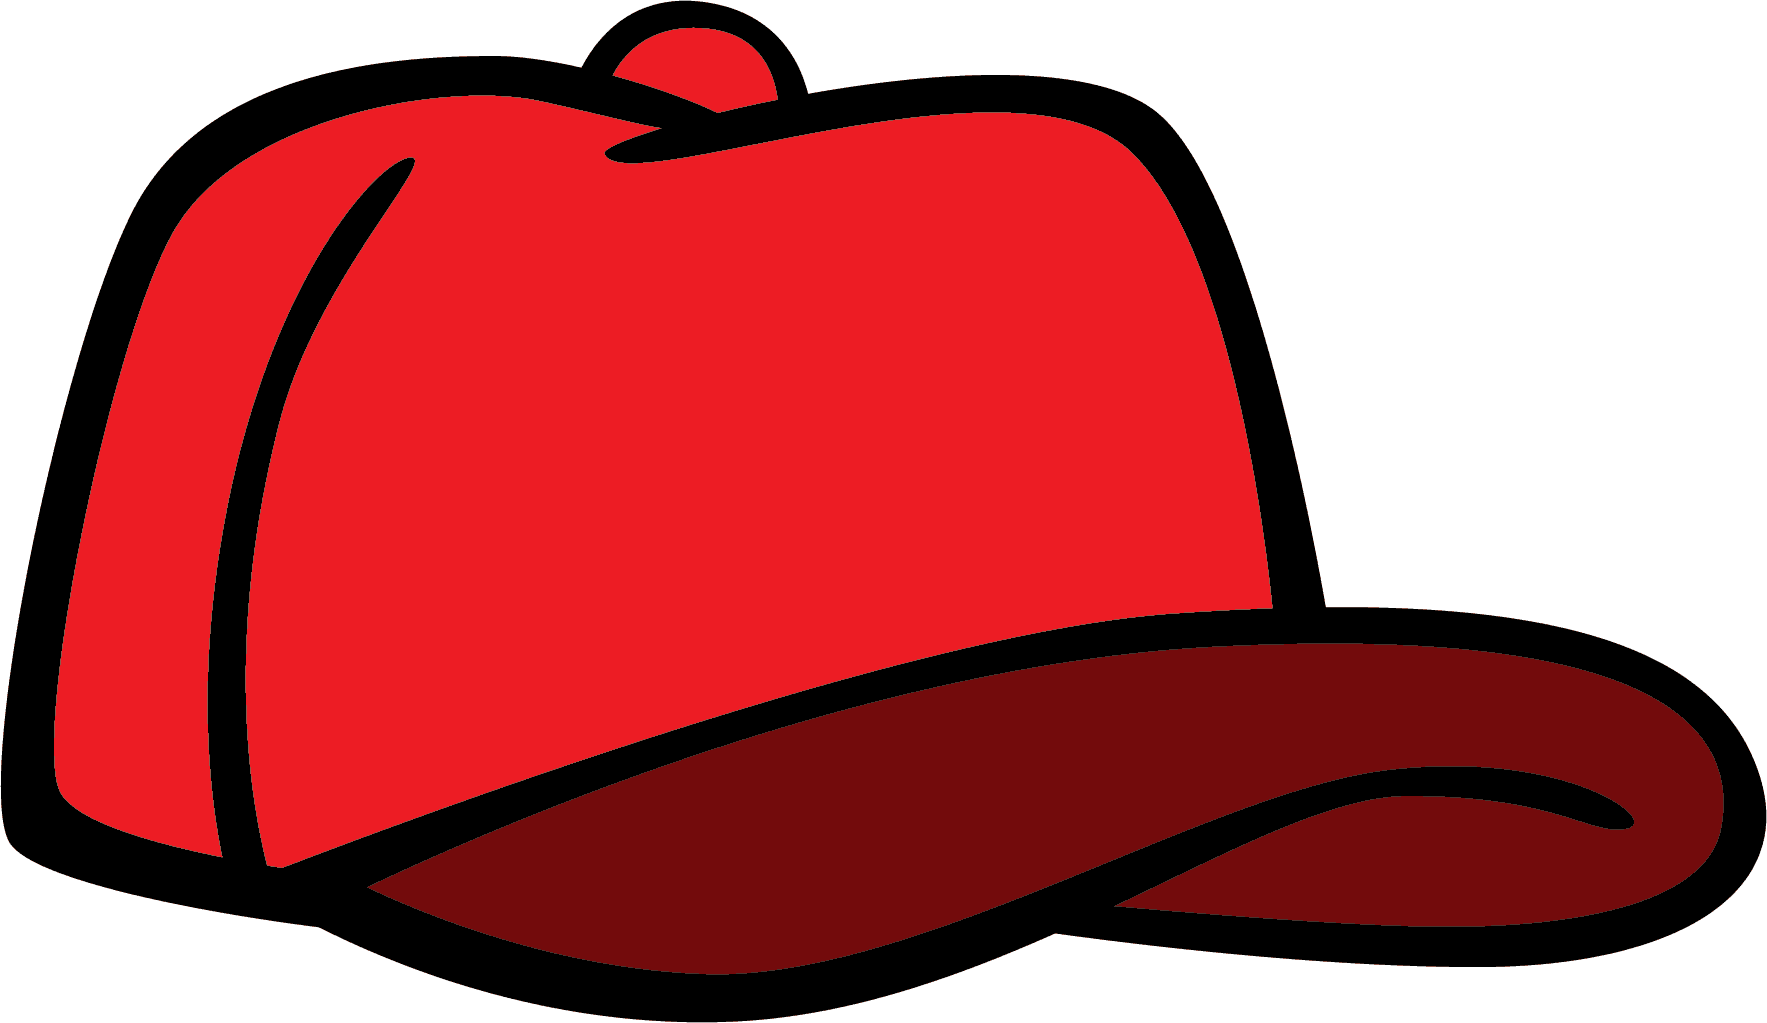 Hat clip art free clipart images-Hat clip art free clipart images-1